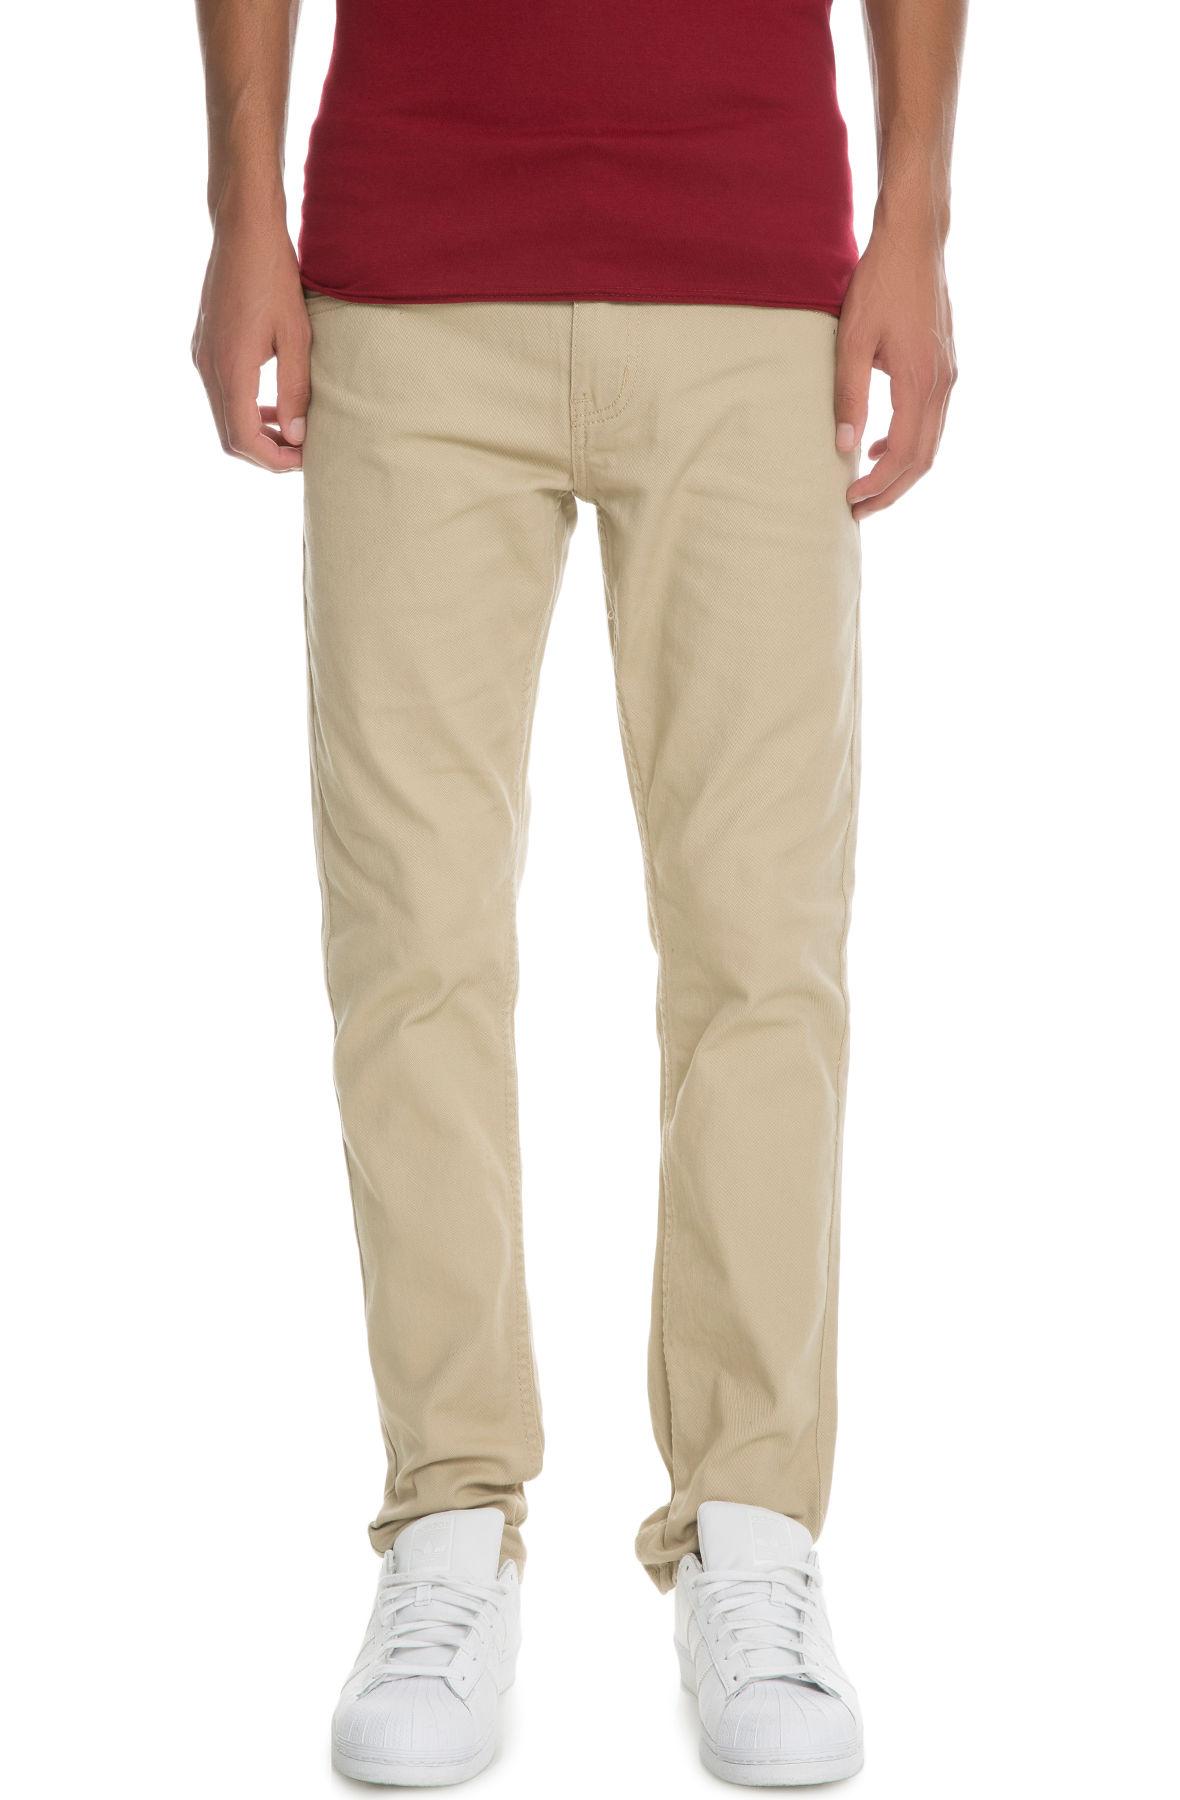 Image of The VB Basic Skinny Jeans in Khaki